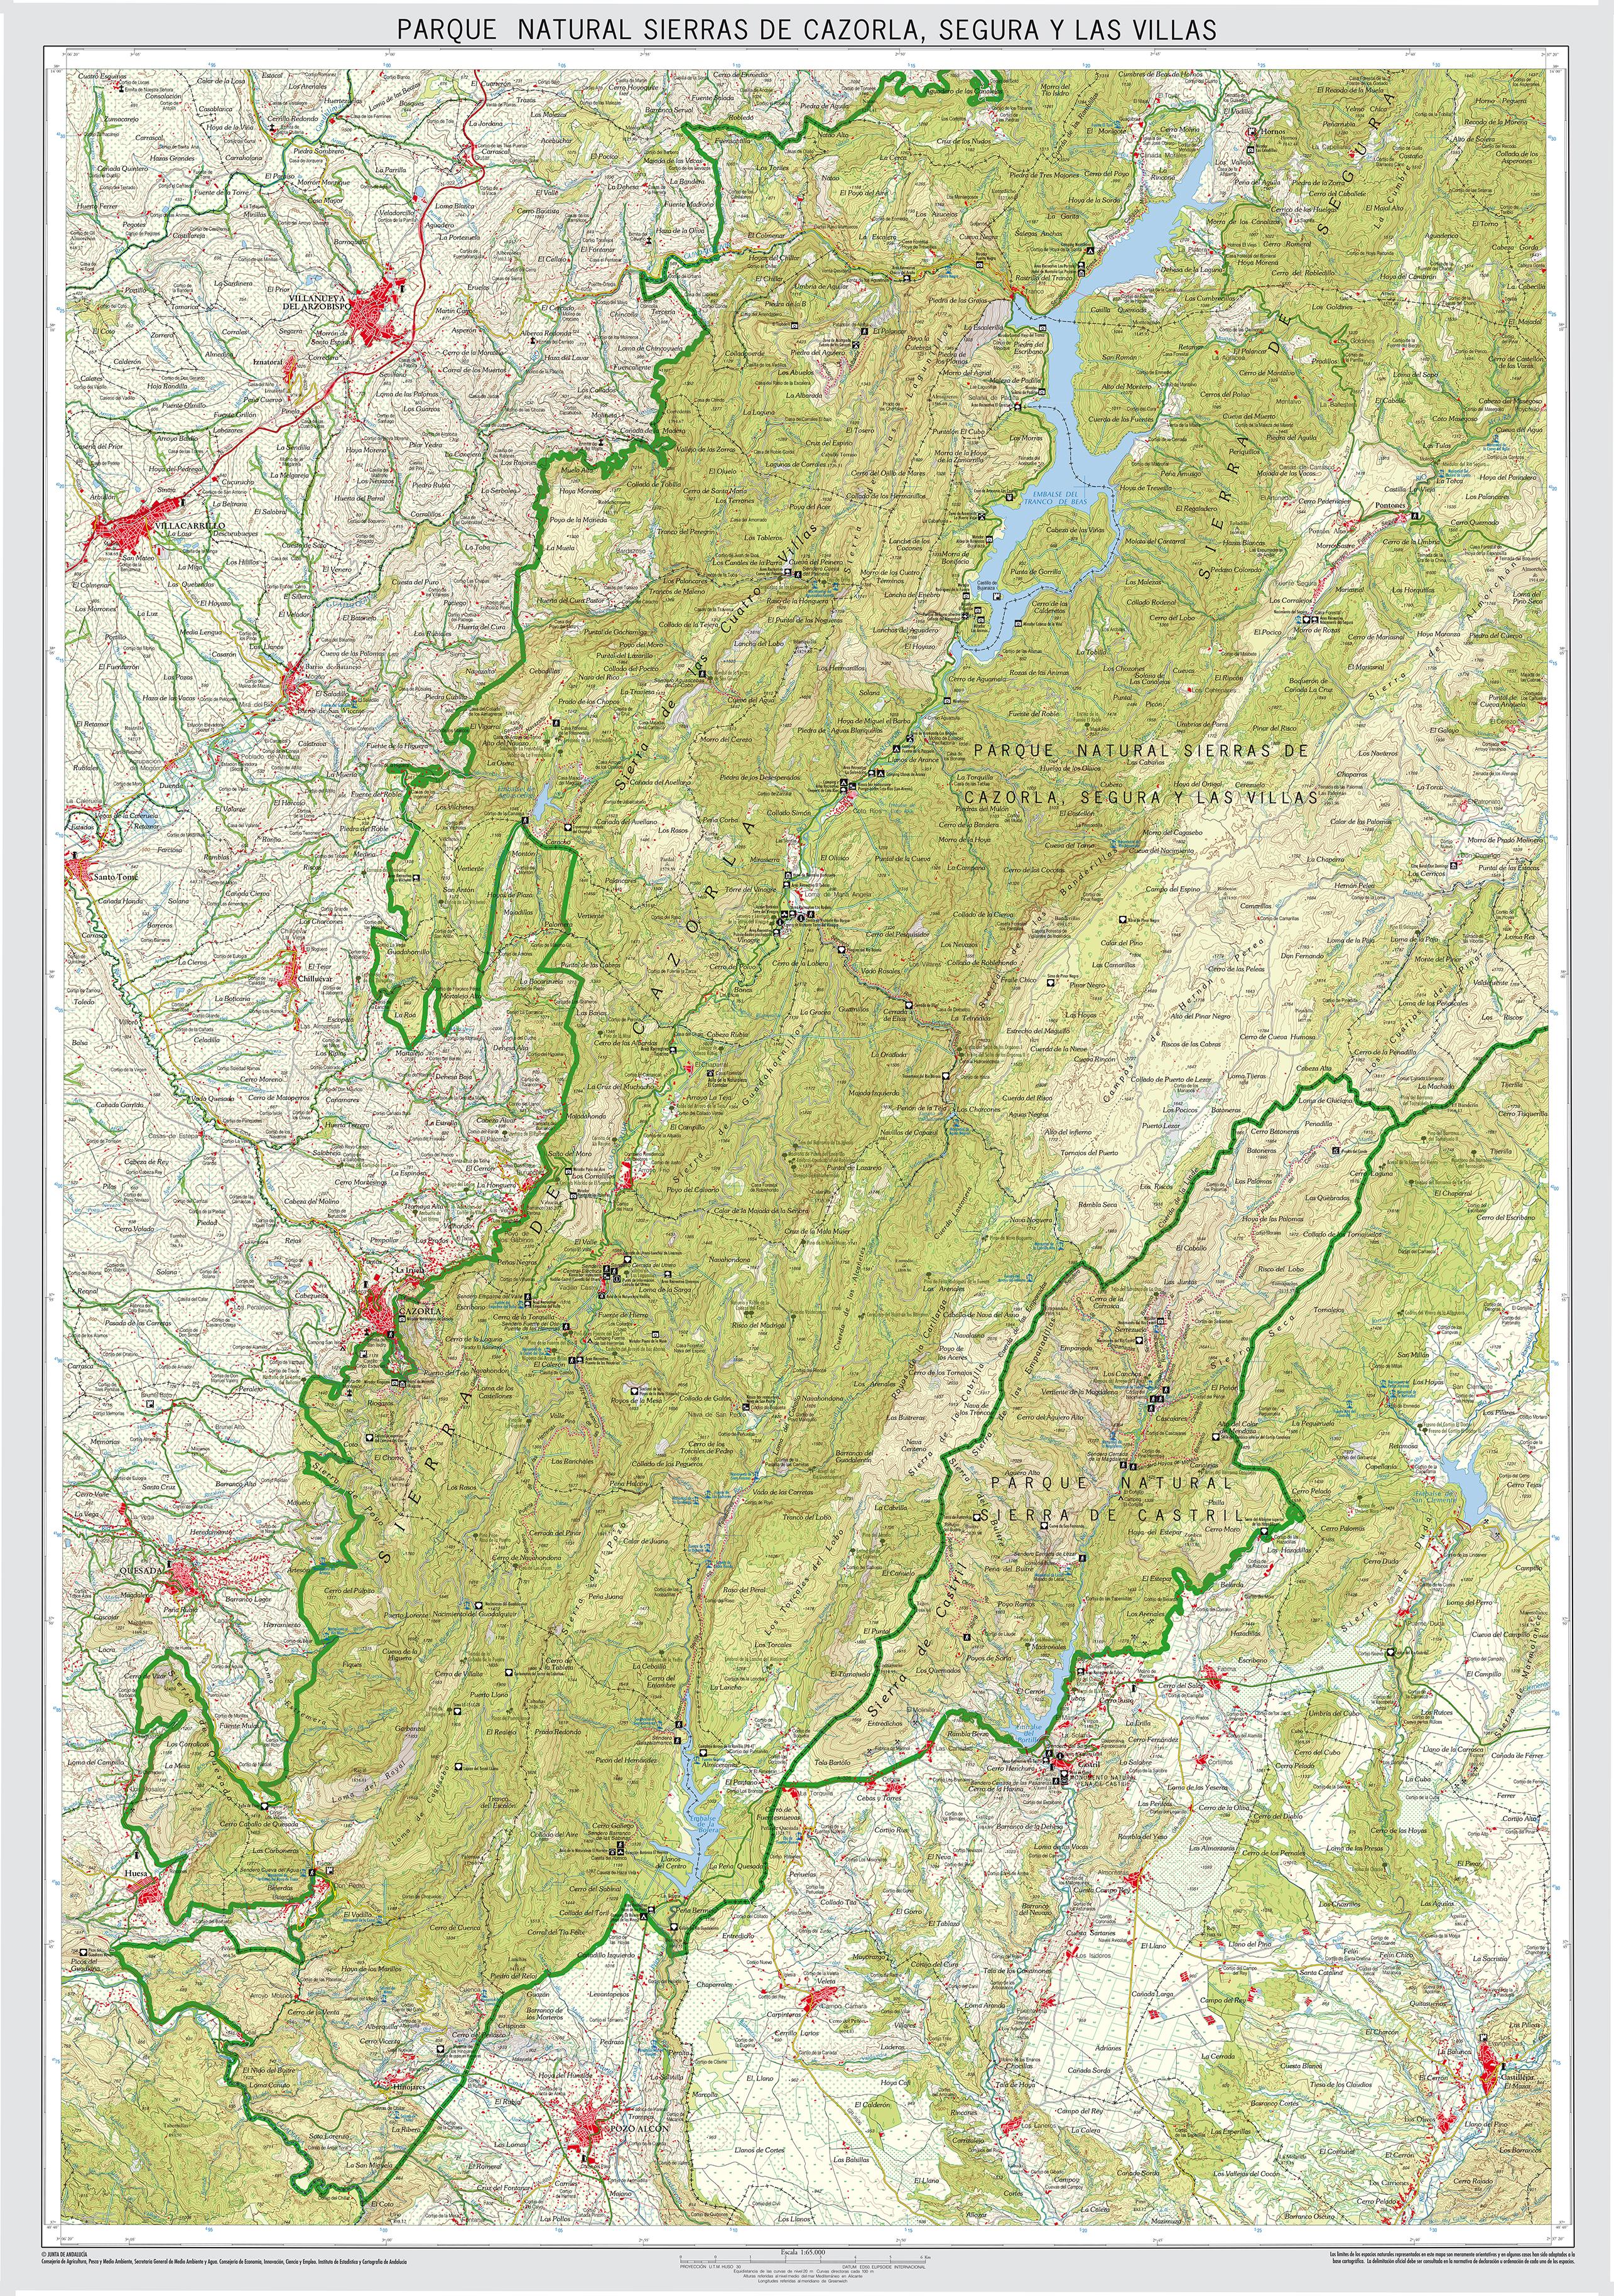 Sierra De Cazorla Y Segura Mapa.Parque Natural De Sierras De Cazorla Segura Y Las Villas